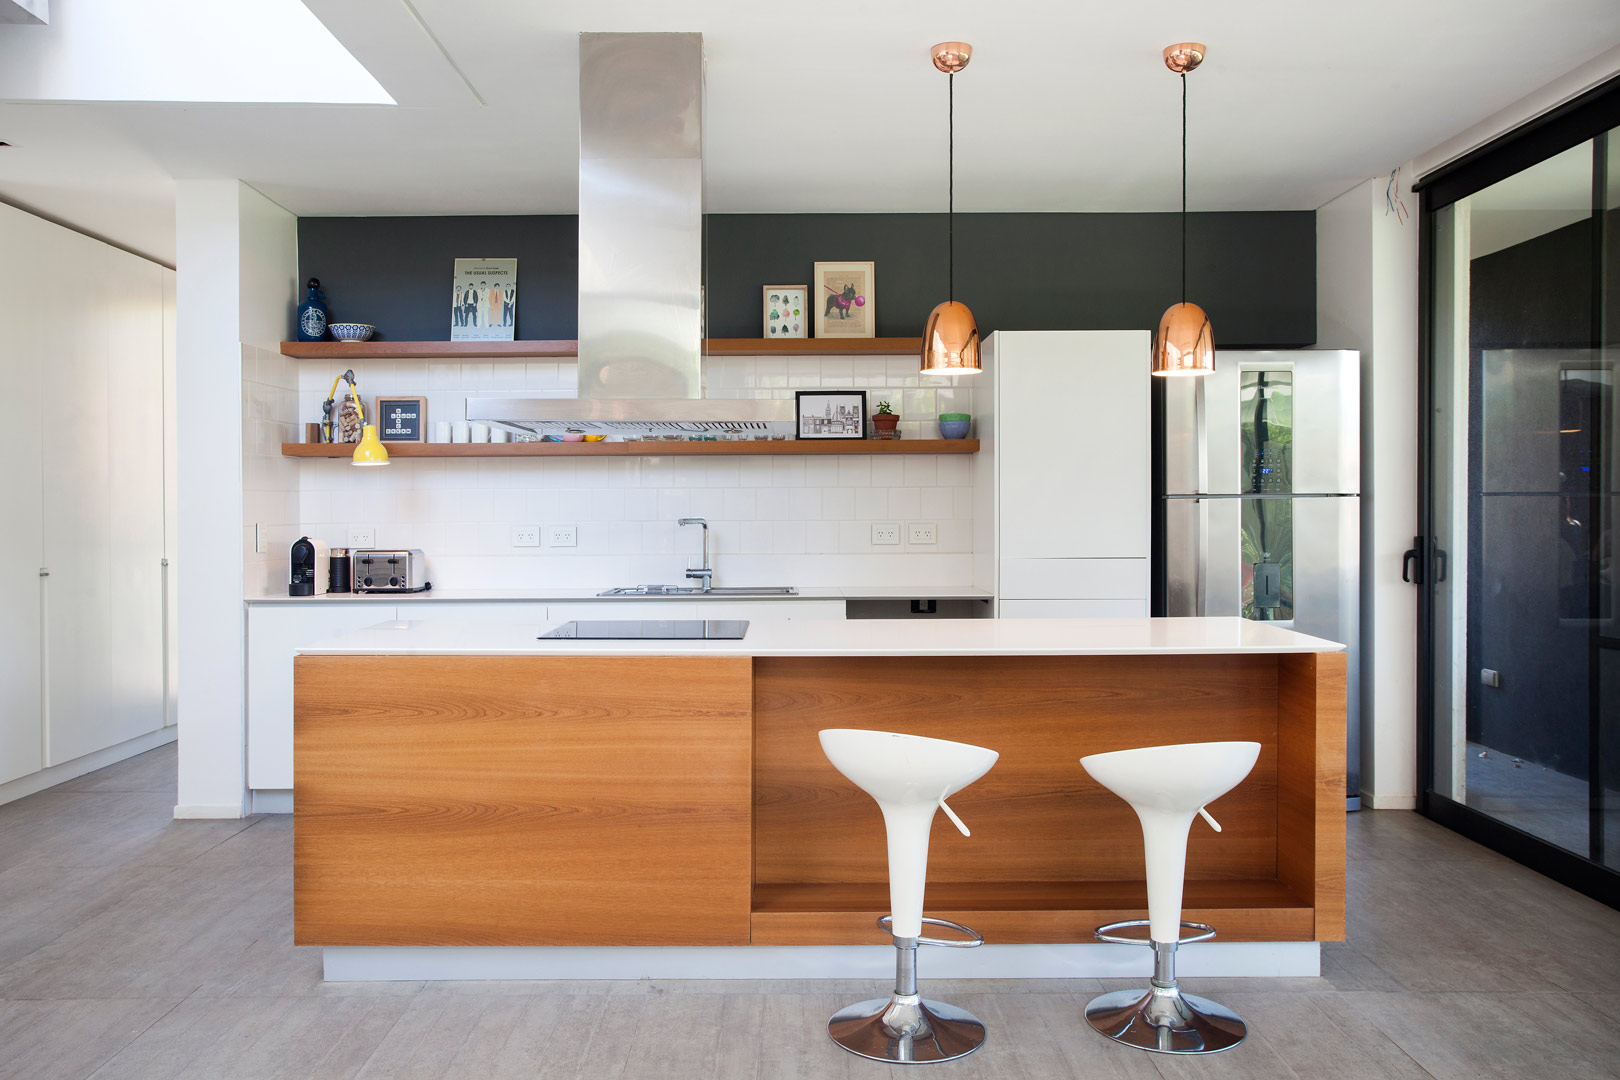 Estudio pka arquitectura casa estilo actual racionalista for Casas de muebles en uruguay